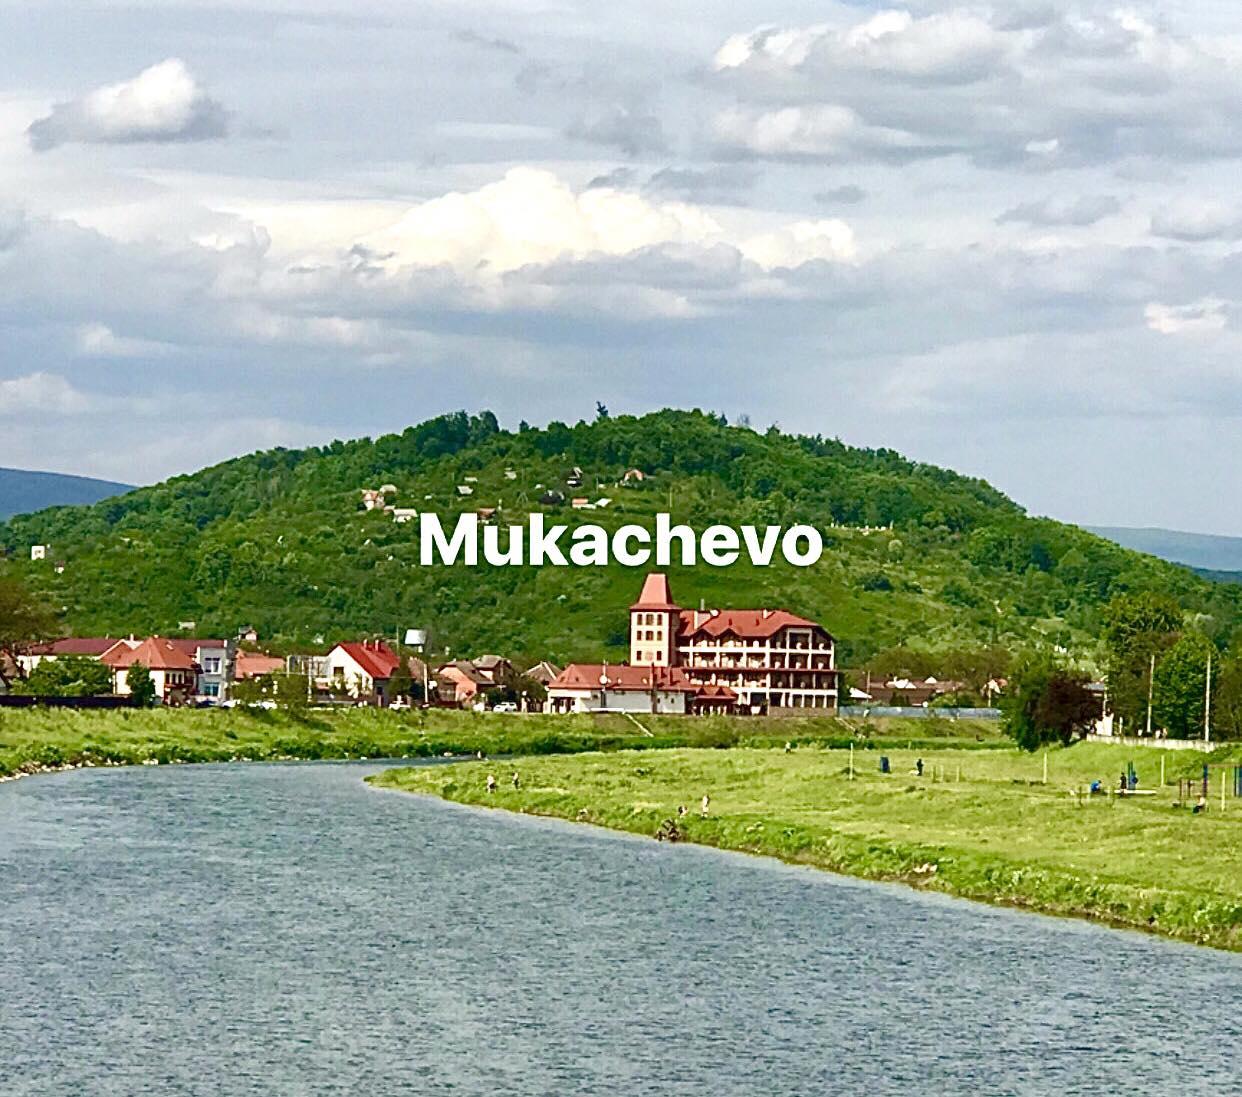 Напис на горі чи набережній, еко-проєкт та спортмайданчики: що пропонують зробити в Мукачеві